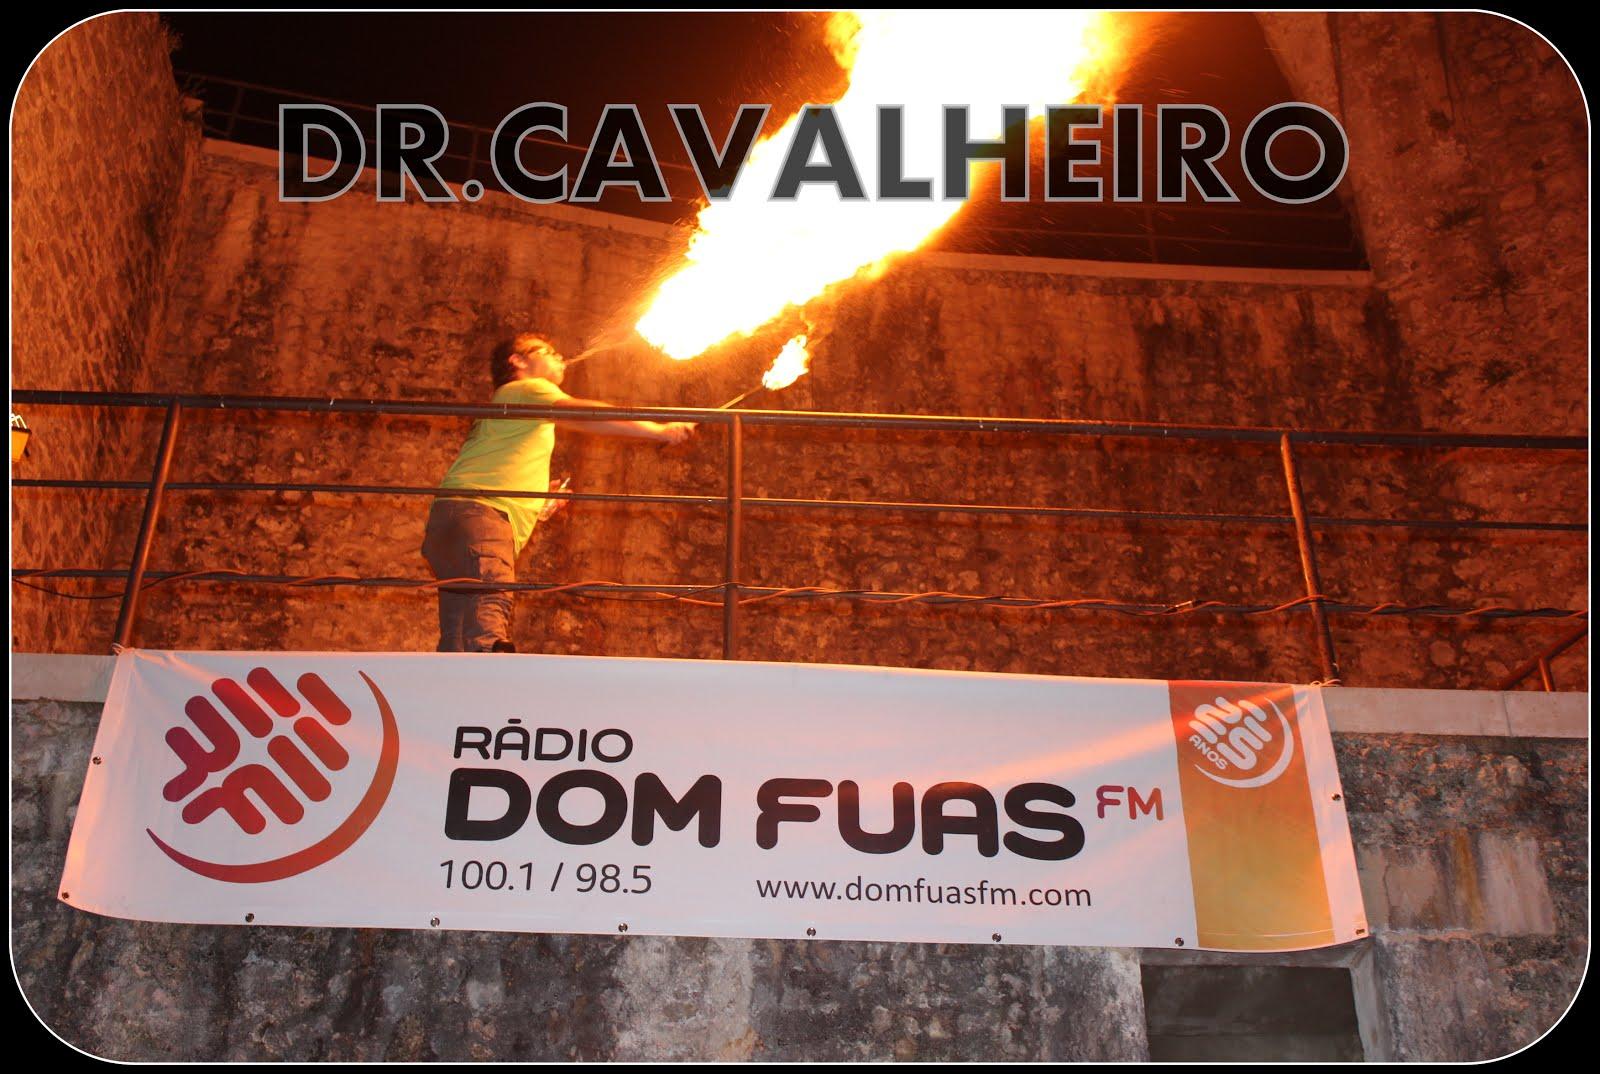 DR.CAVALHEIRO - RÁDIO DOM FUAS FM